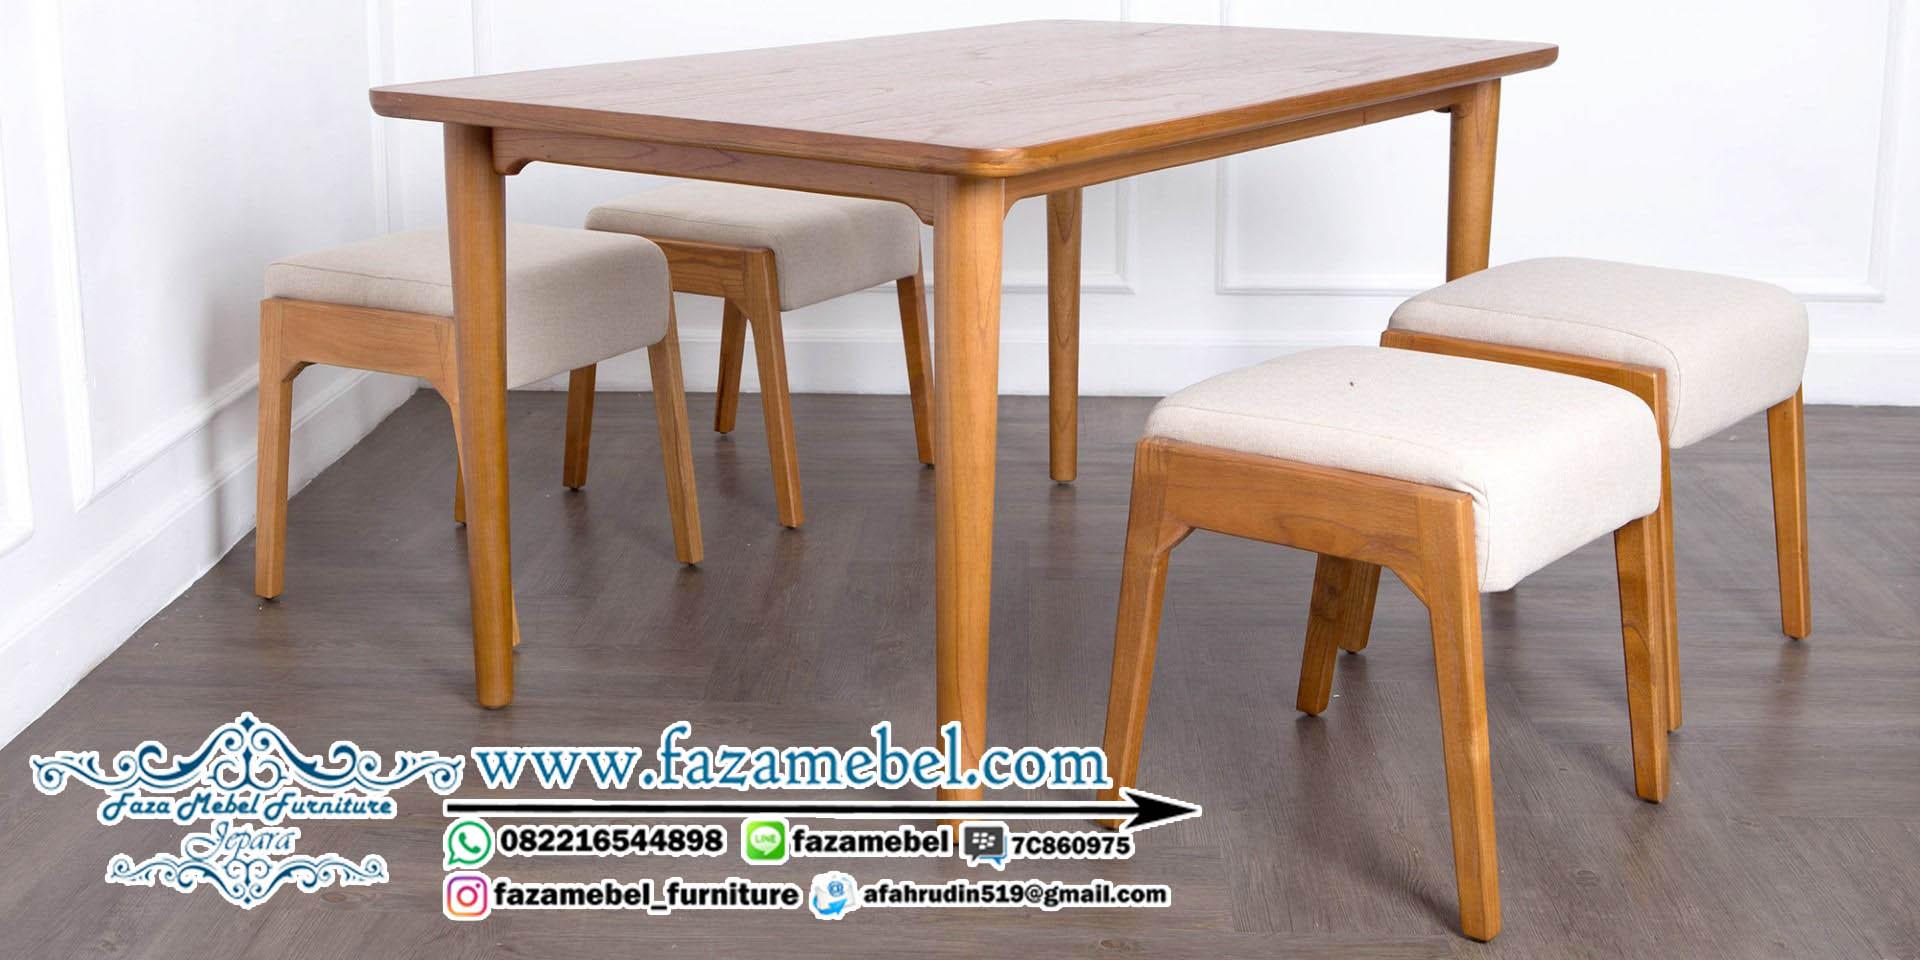 jual-set-meja-makan-minimalis